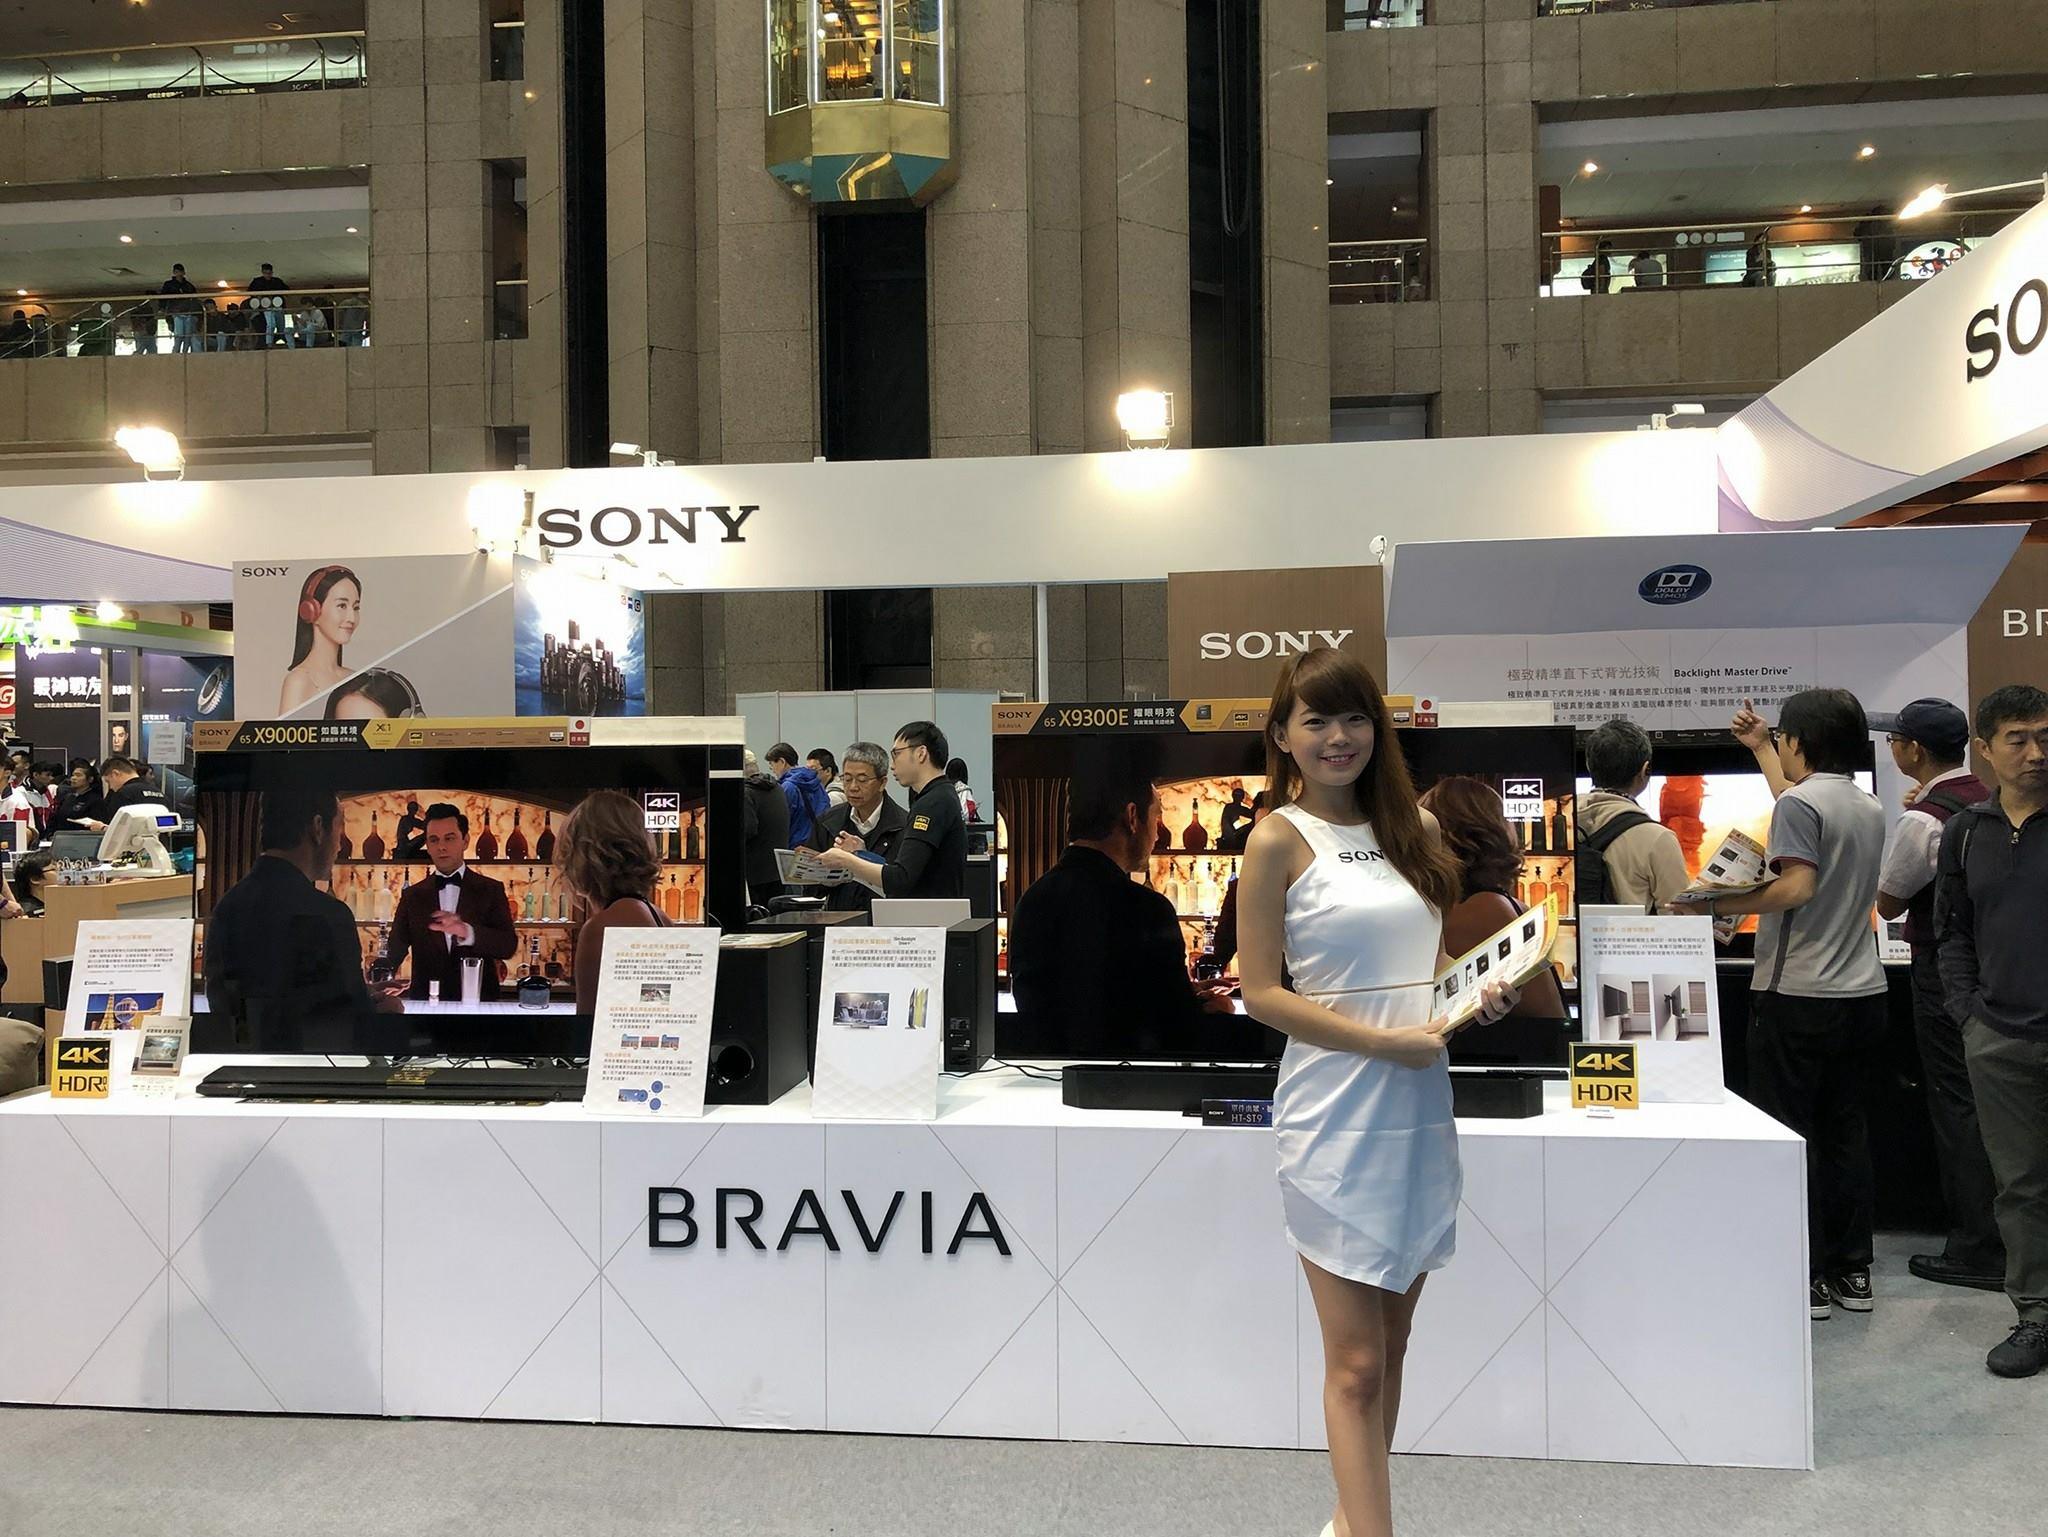 Đại dịch giúp lãi ròng Sony tăng 145%, Nintendo Switch là console bán chạy nhất năm 2020 marketingreview.vn 2